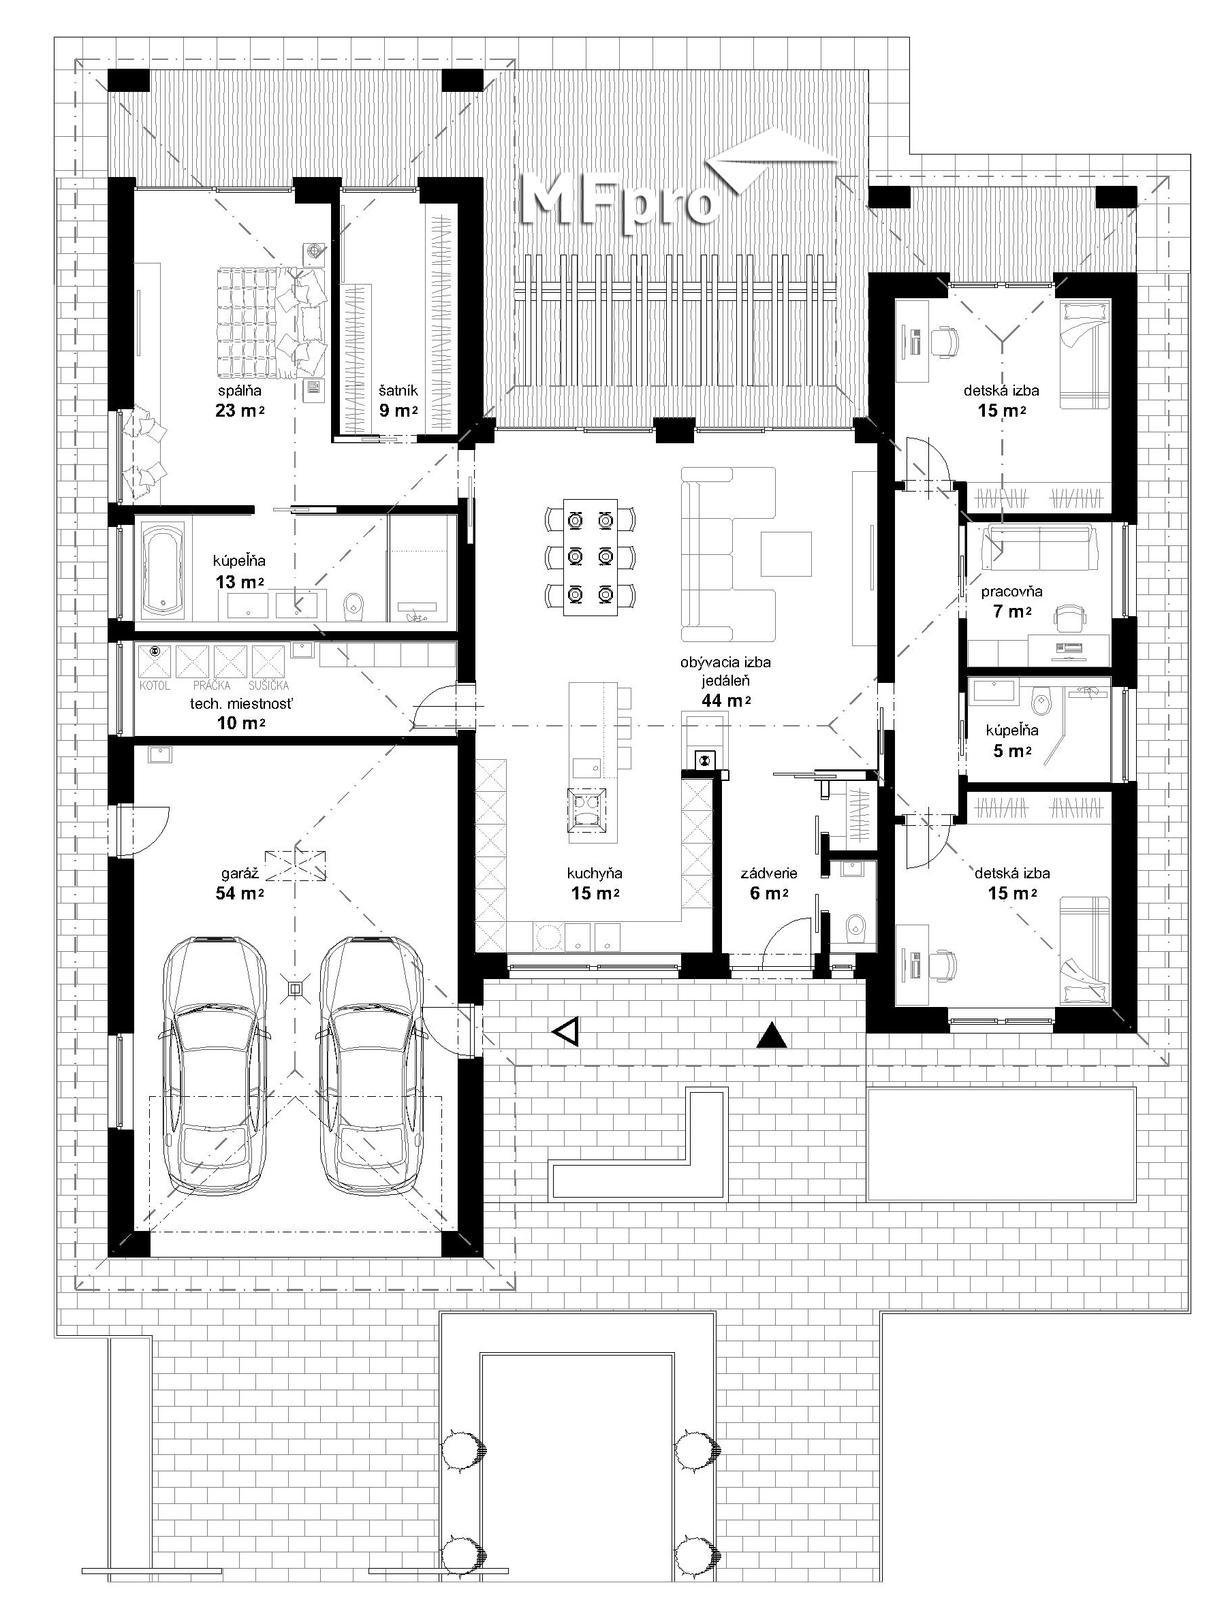 Individuálny rodinný dom CALIFORNIA - Individuálny rodinný dom CALIFORNIA